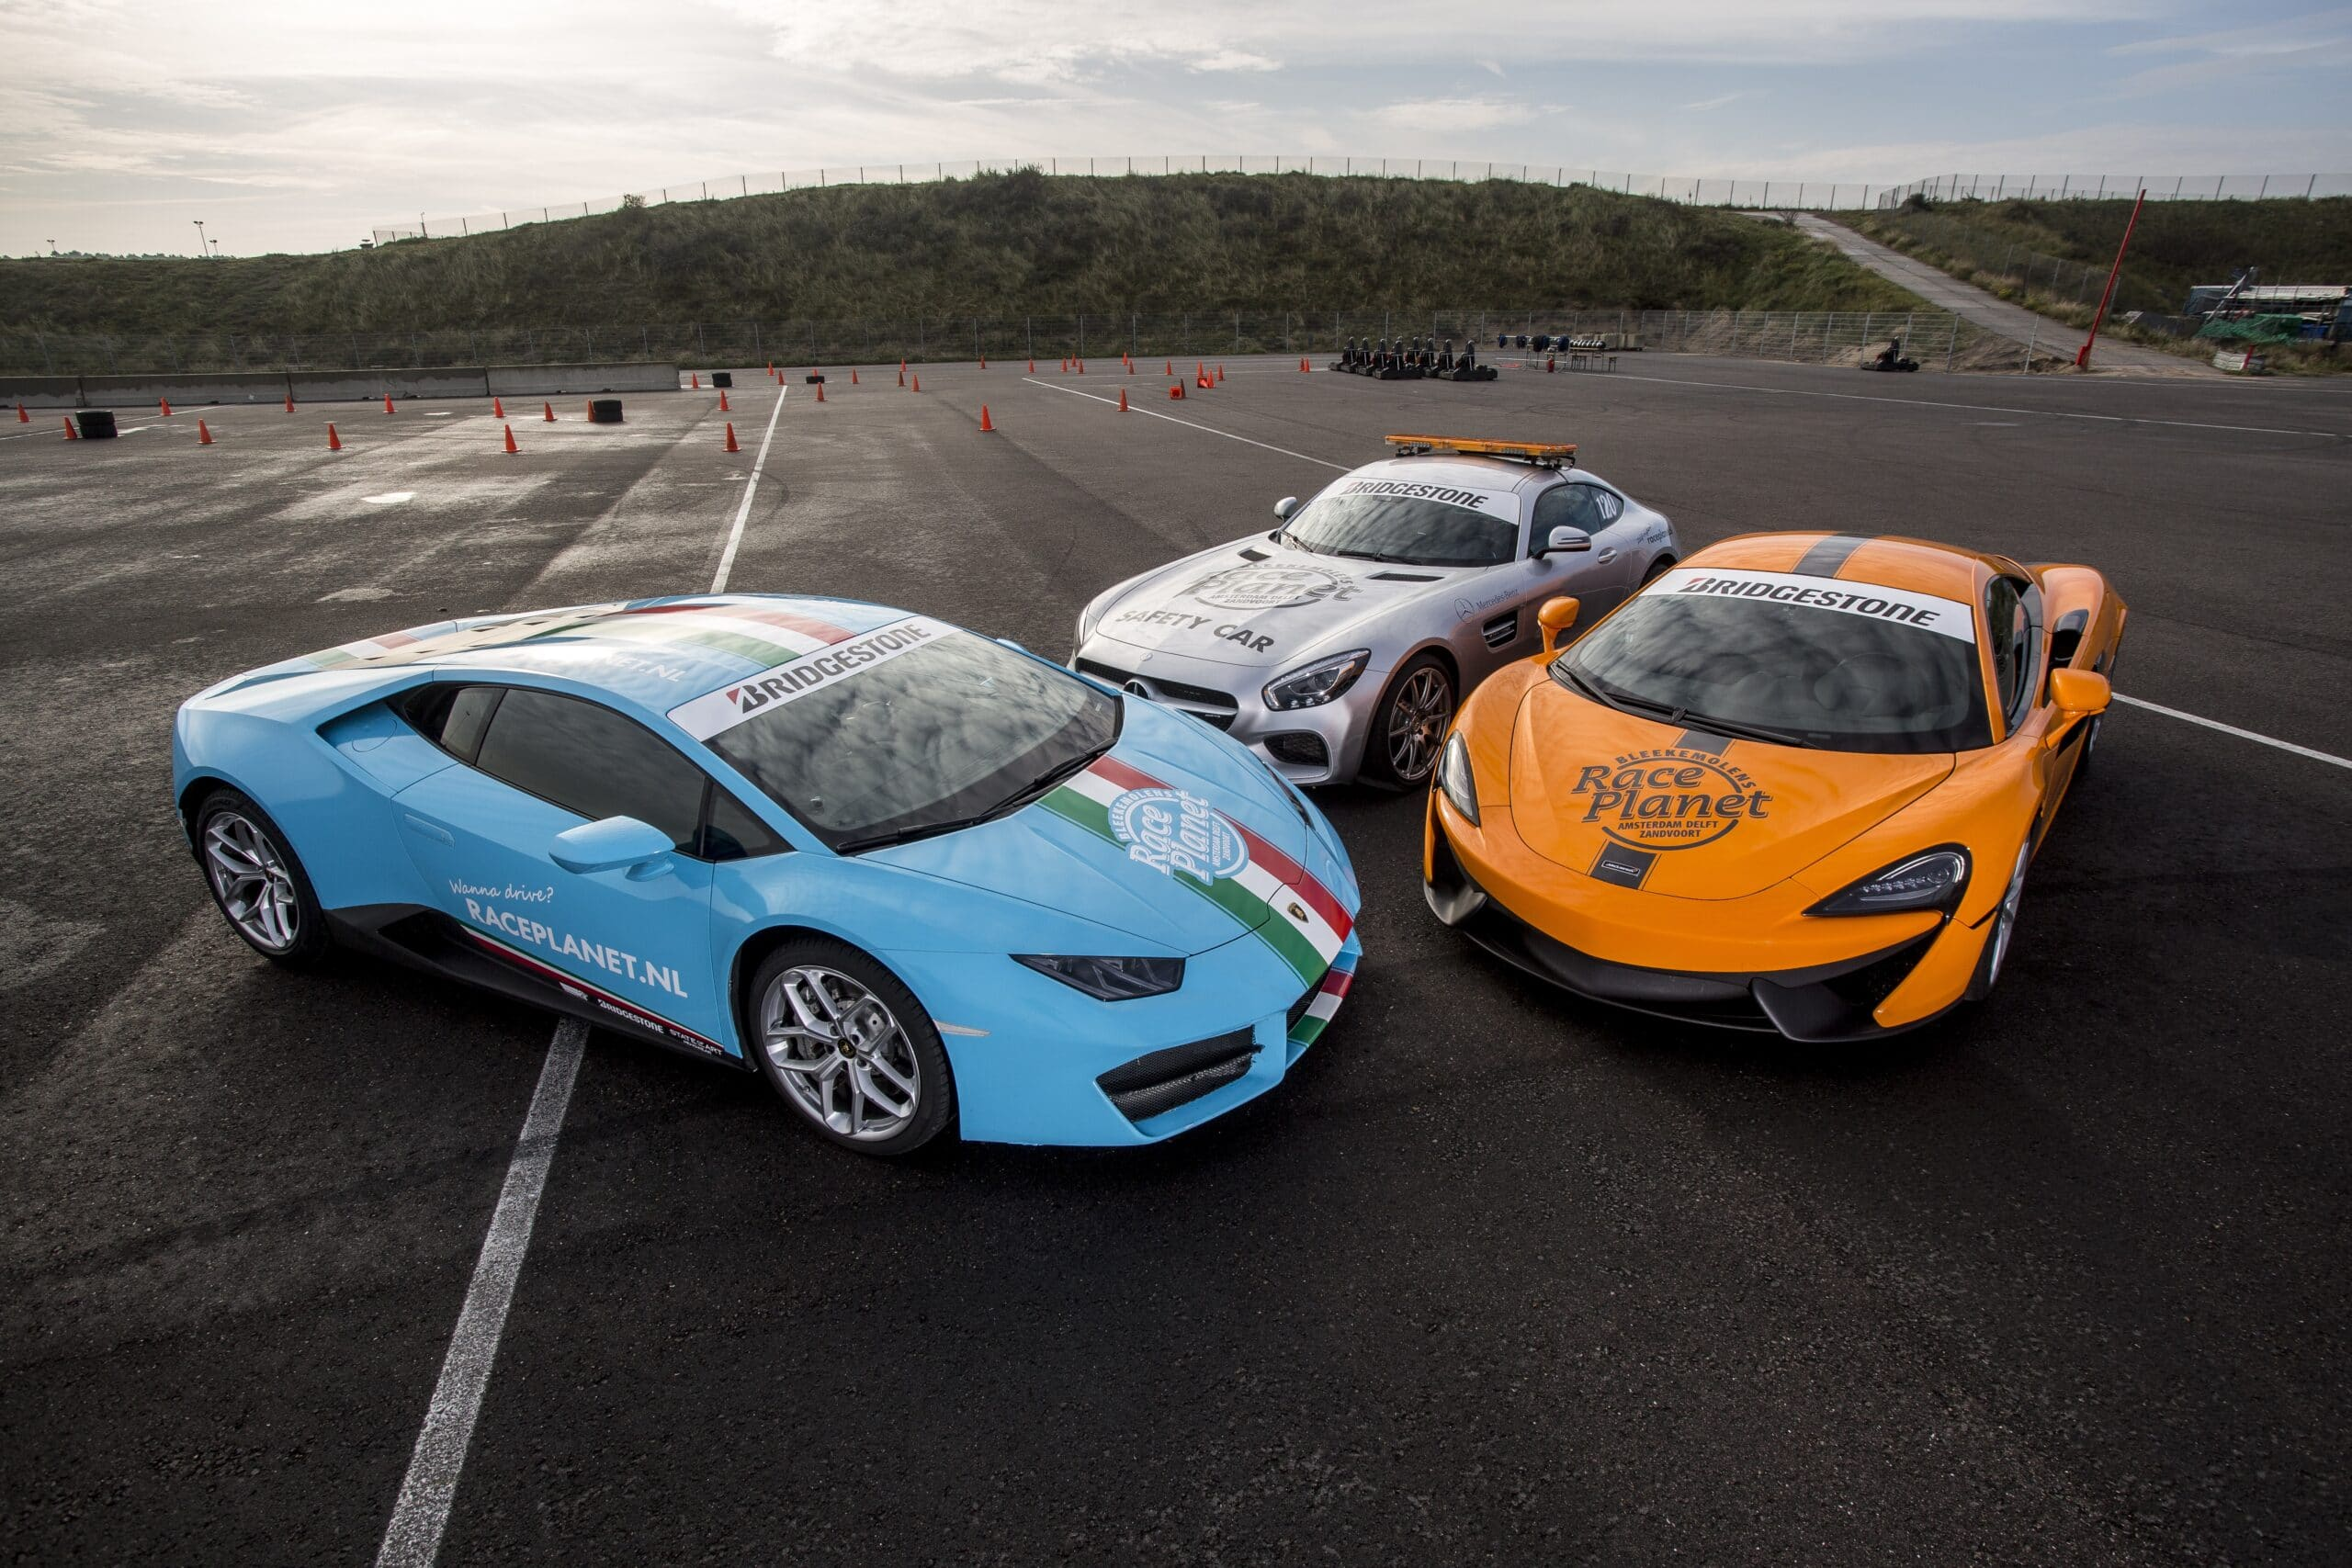 De Lamborghini Huracán, McLaren 540C en Mercedes-AMG GT op het paddock van Circuit Zandvoort als onderdeel van de Diamond Experience van Race Planet.